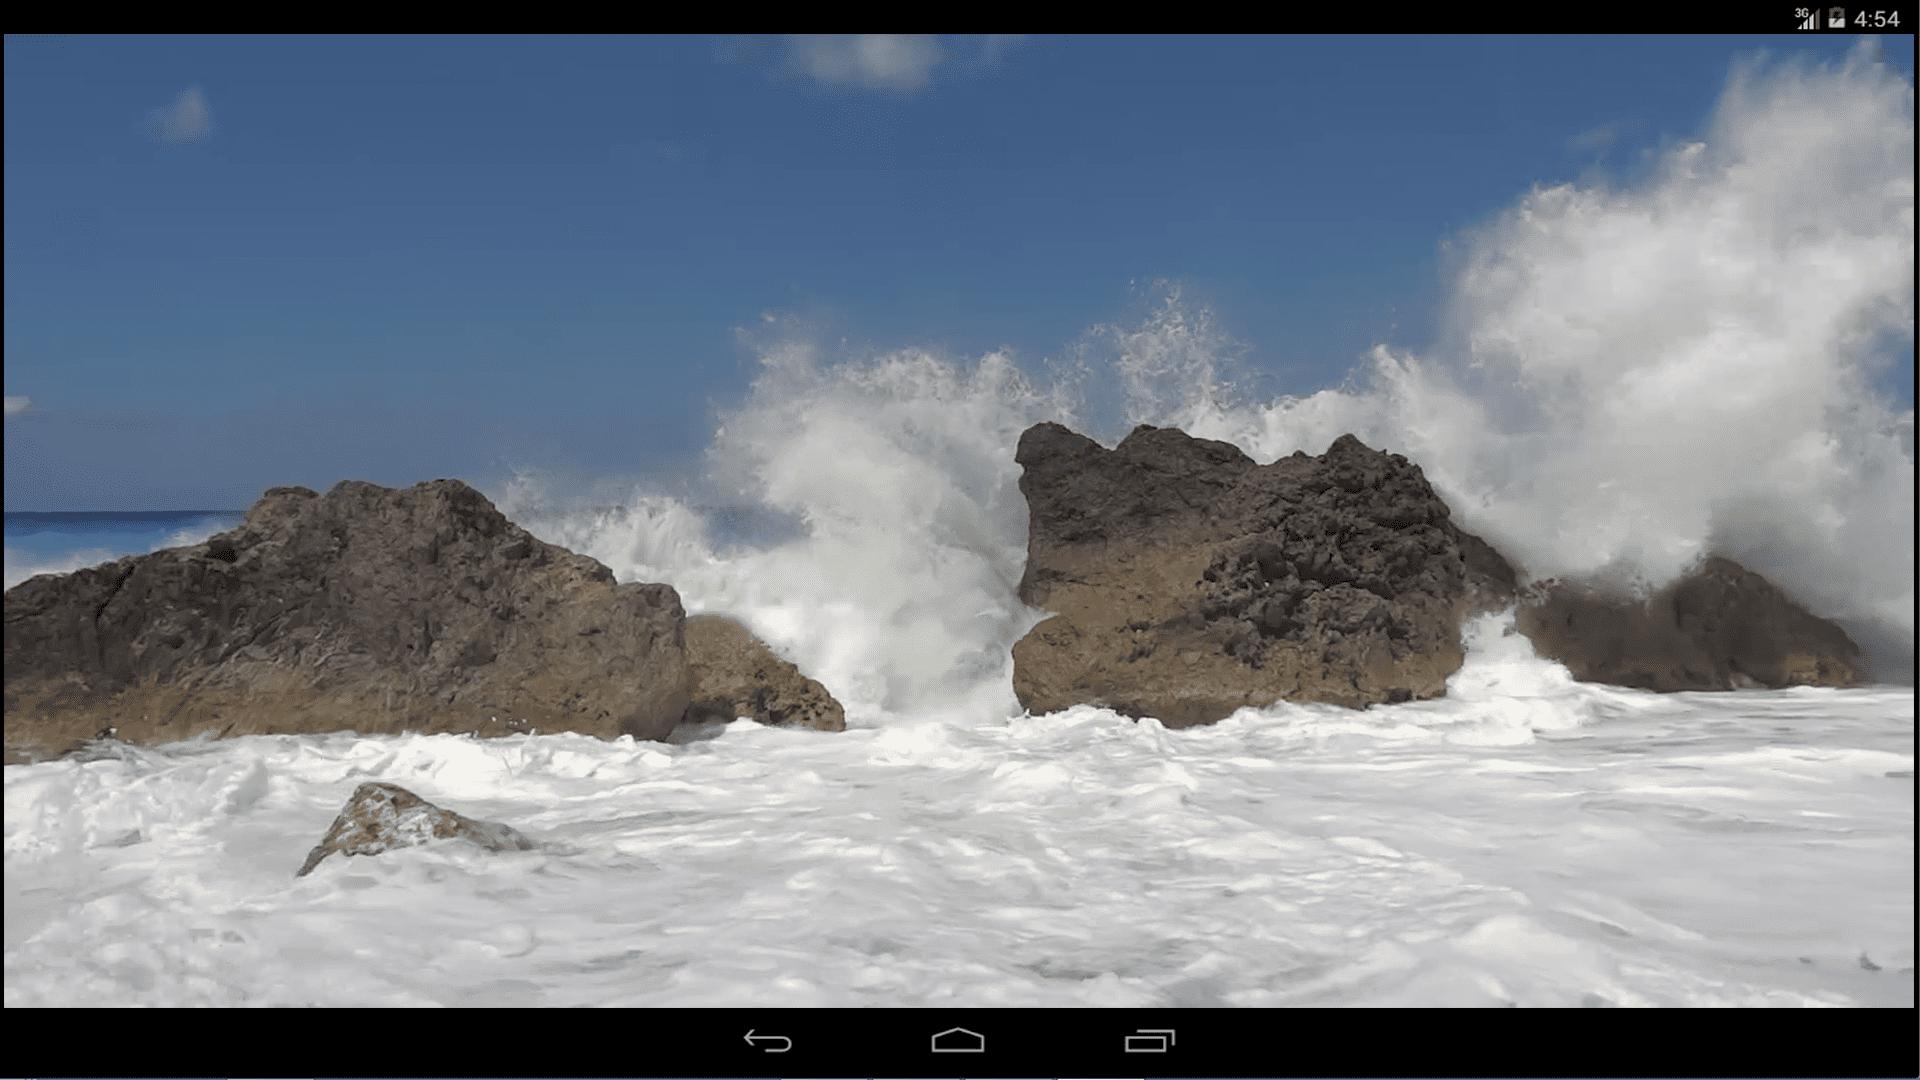 Ocean waves скриншот 4